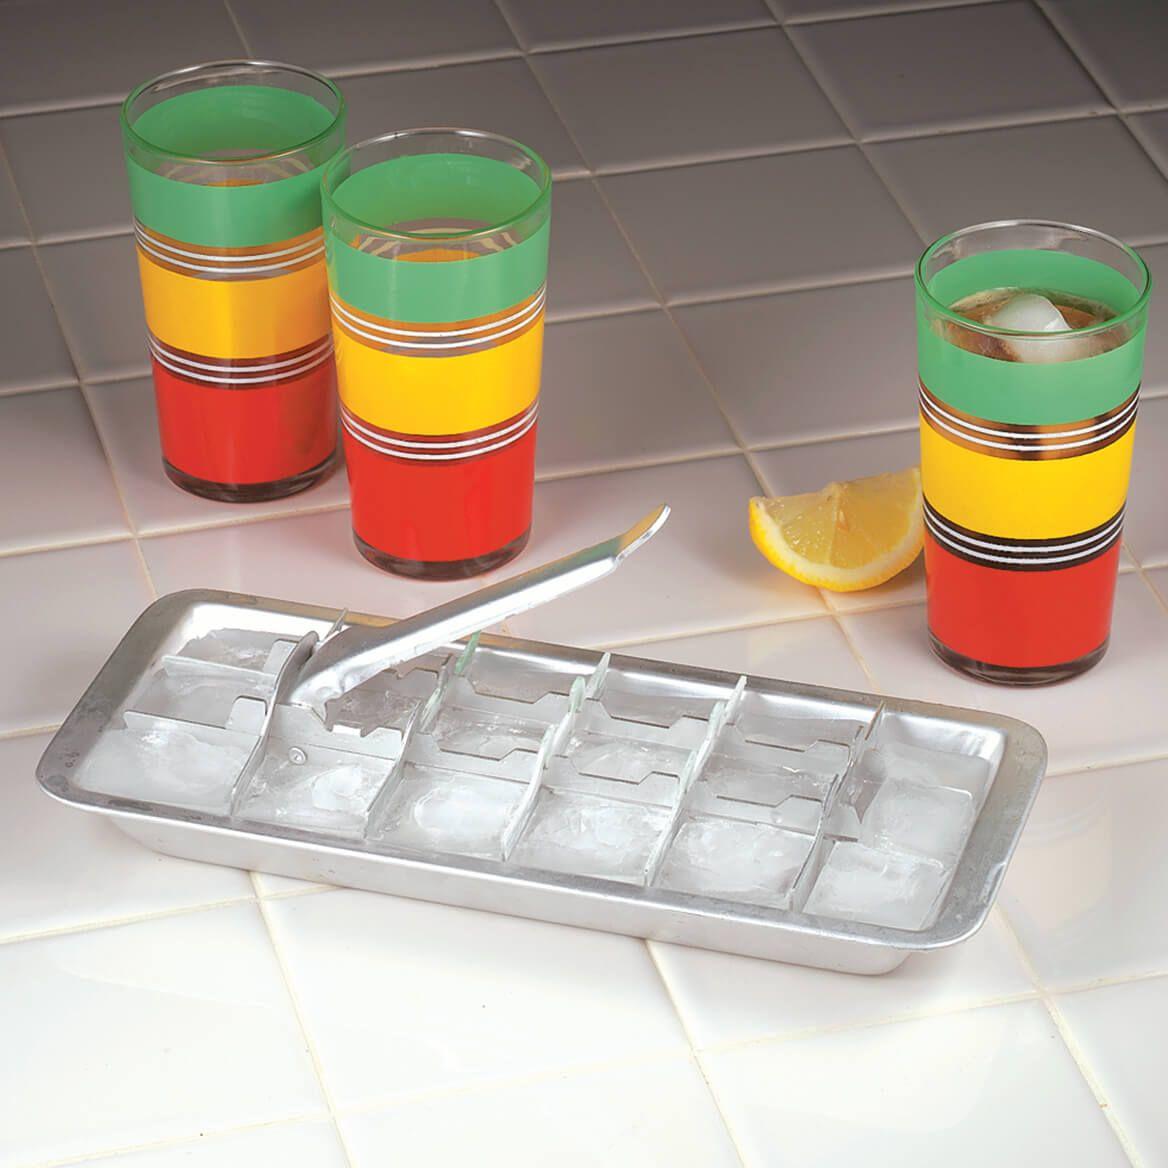 Aluminum Ice Cube Trays, Set of 2-367113